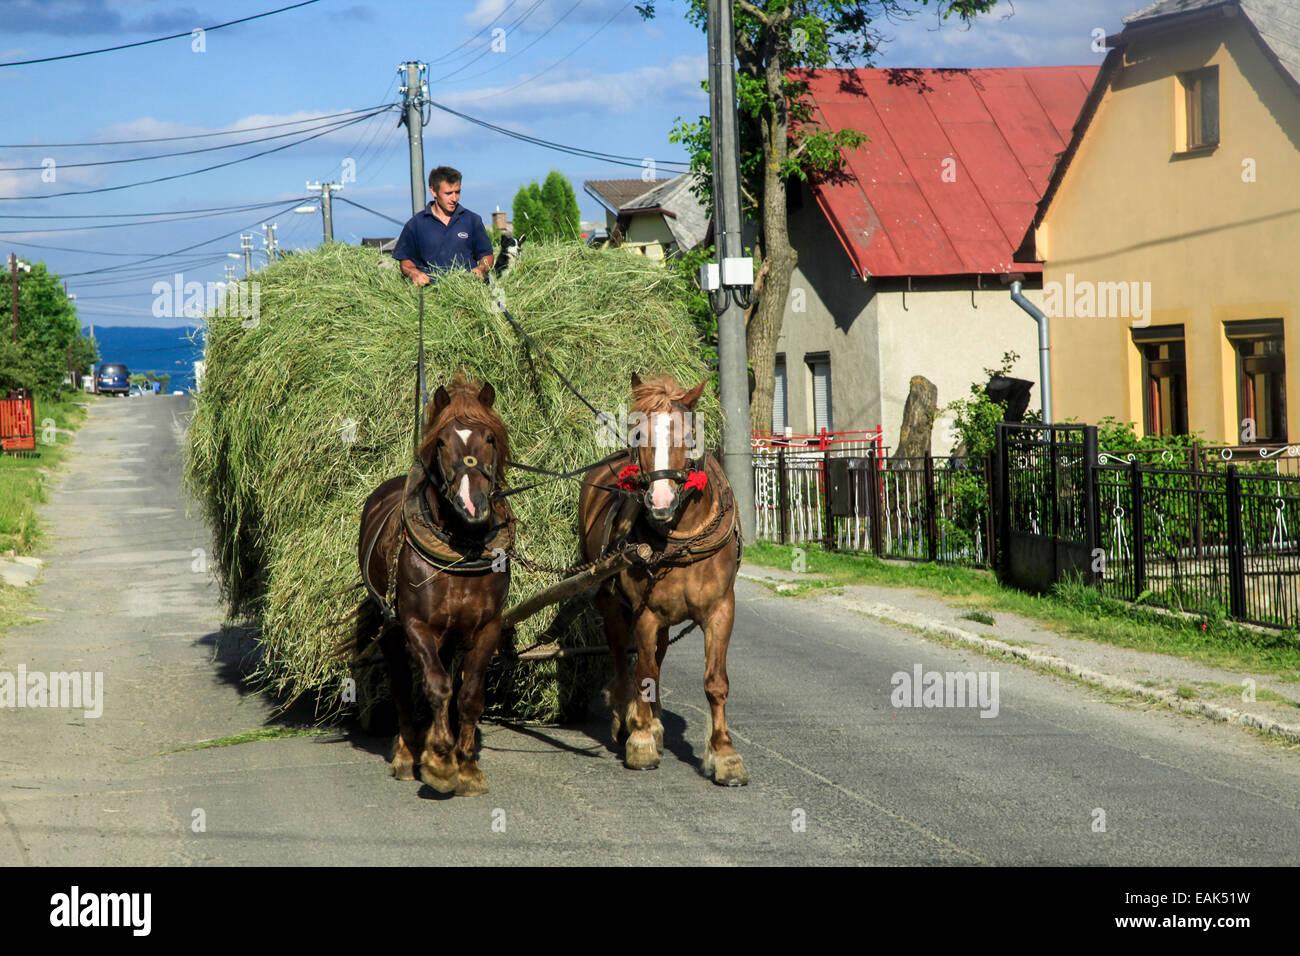 Slovakia, Banska Bystrica region, Horses and cart - Stock Image